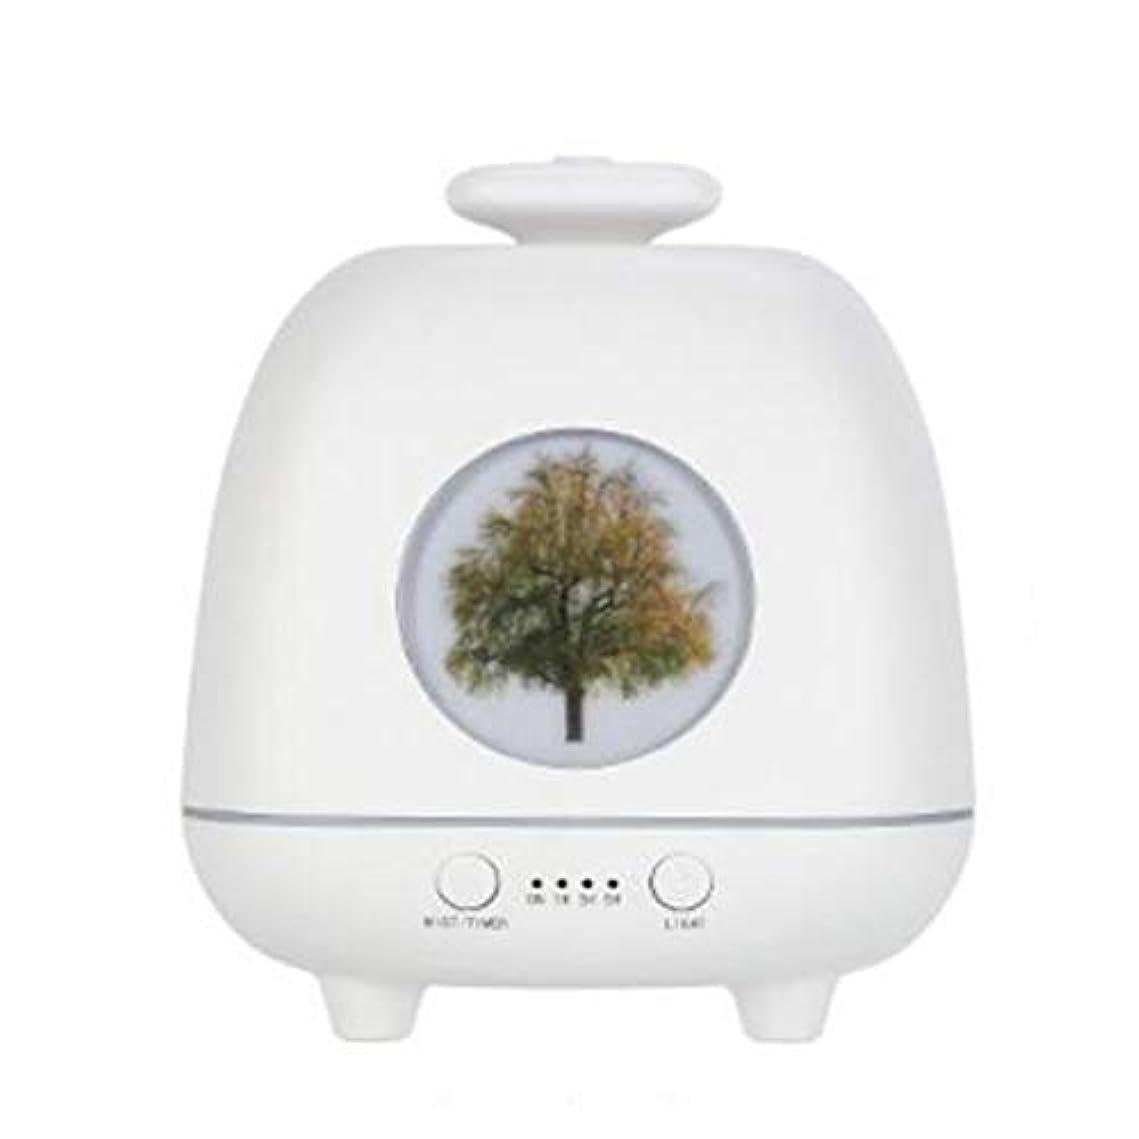 初期の異常な追記涼しい霧 香り 精油 ディフューザー,7 色 空気を浄化 4穴ノズル 加湿器 時間 加湿機 ホーム Yoga デスク オフィス ベッド- 230ml